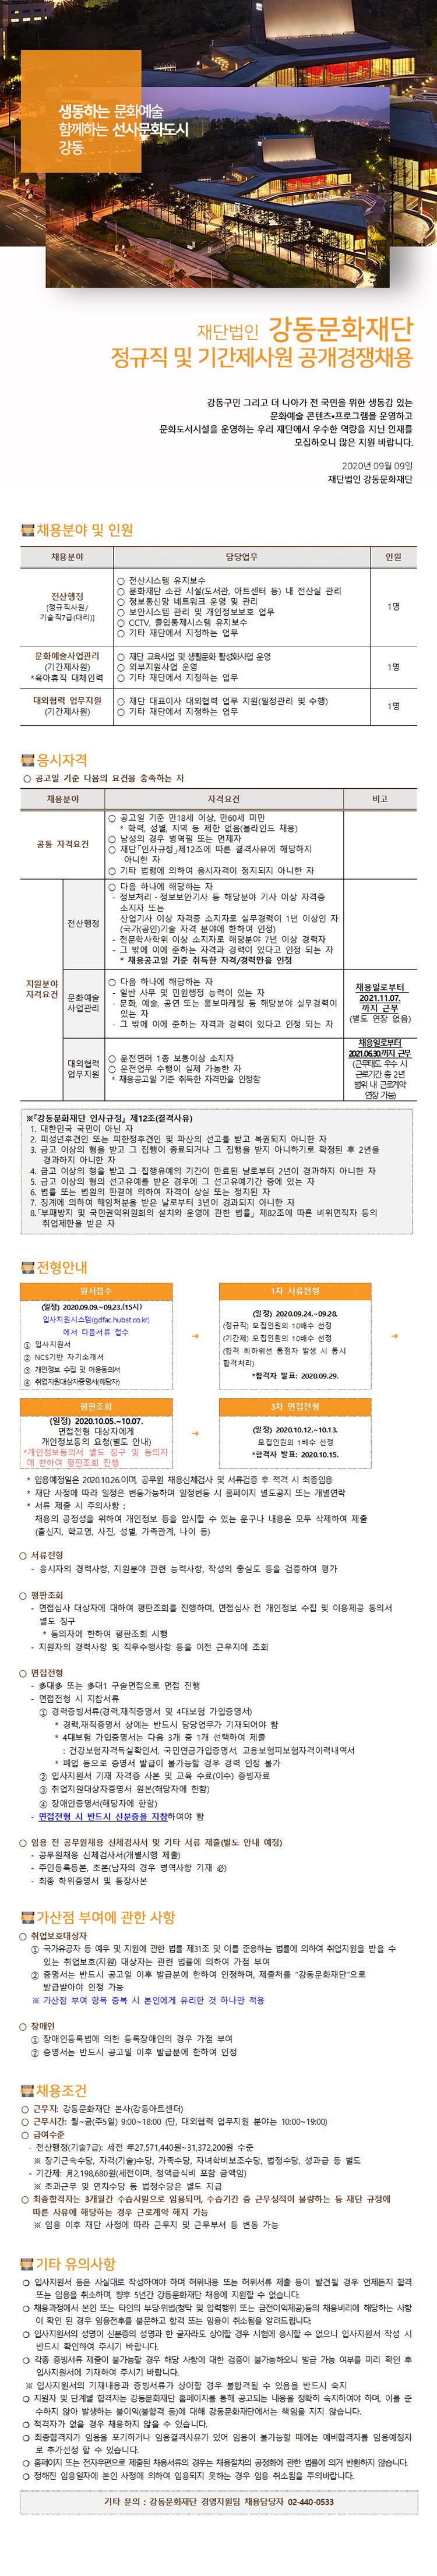 재단법인 강동문화재단 정규직 및 기간제 사원 채용 공고